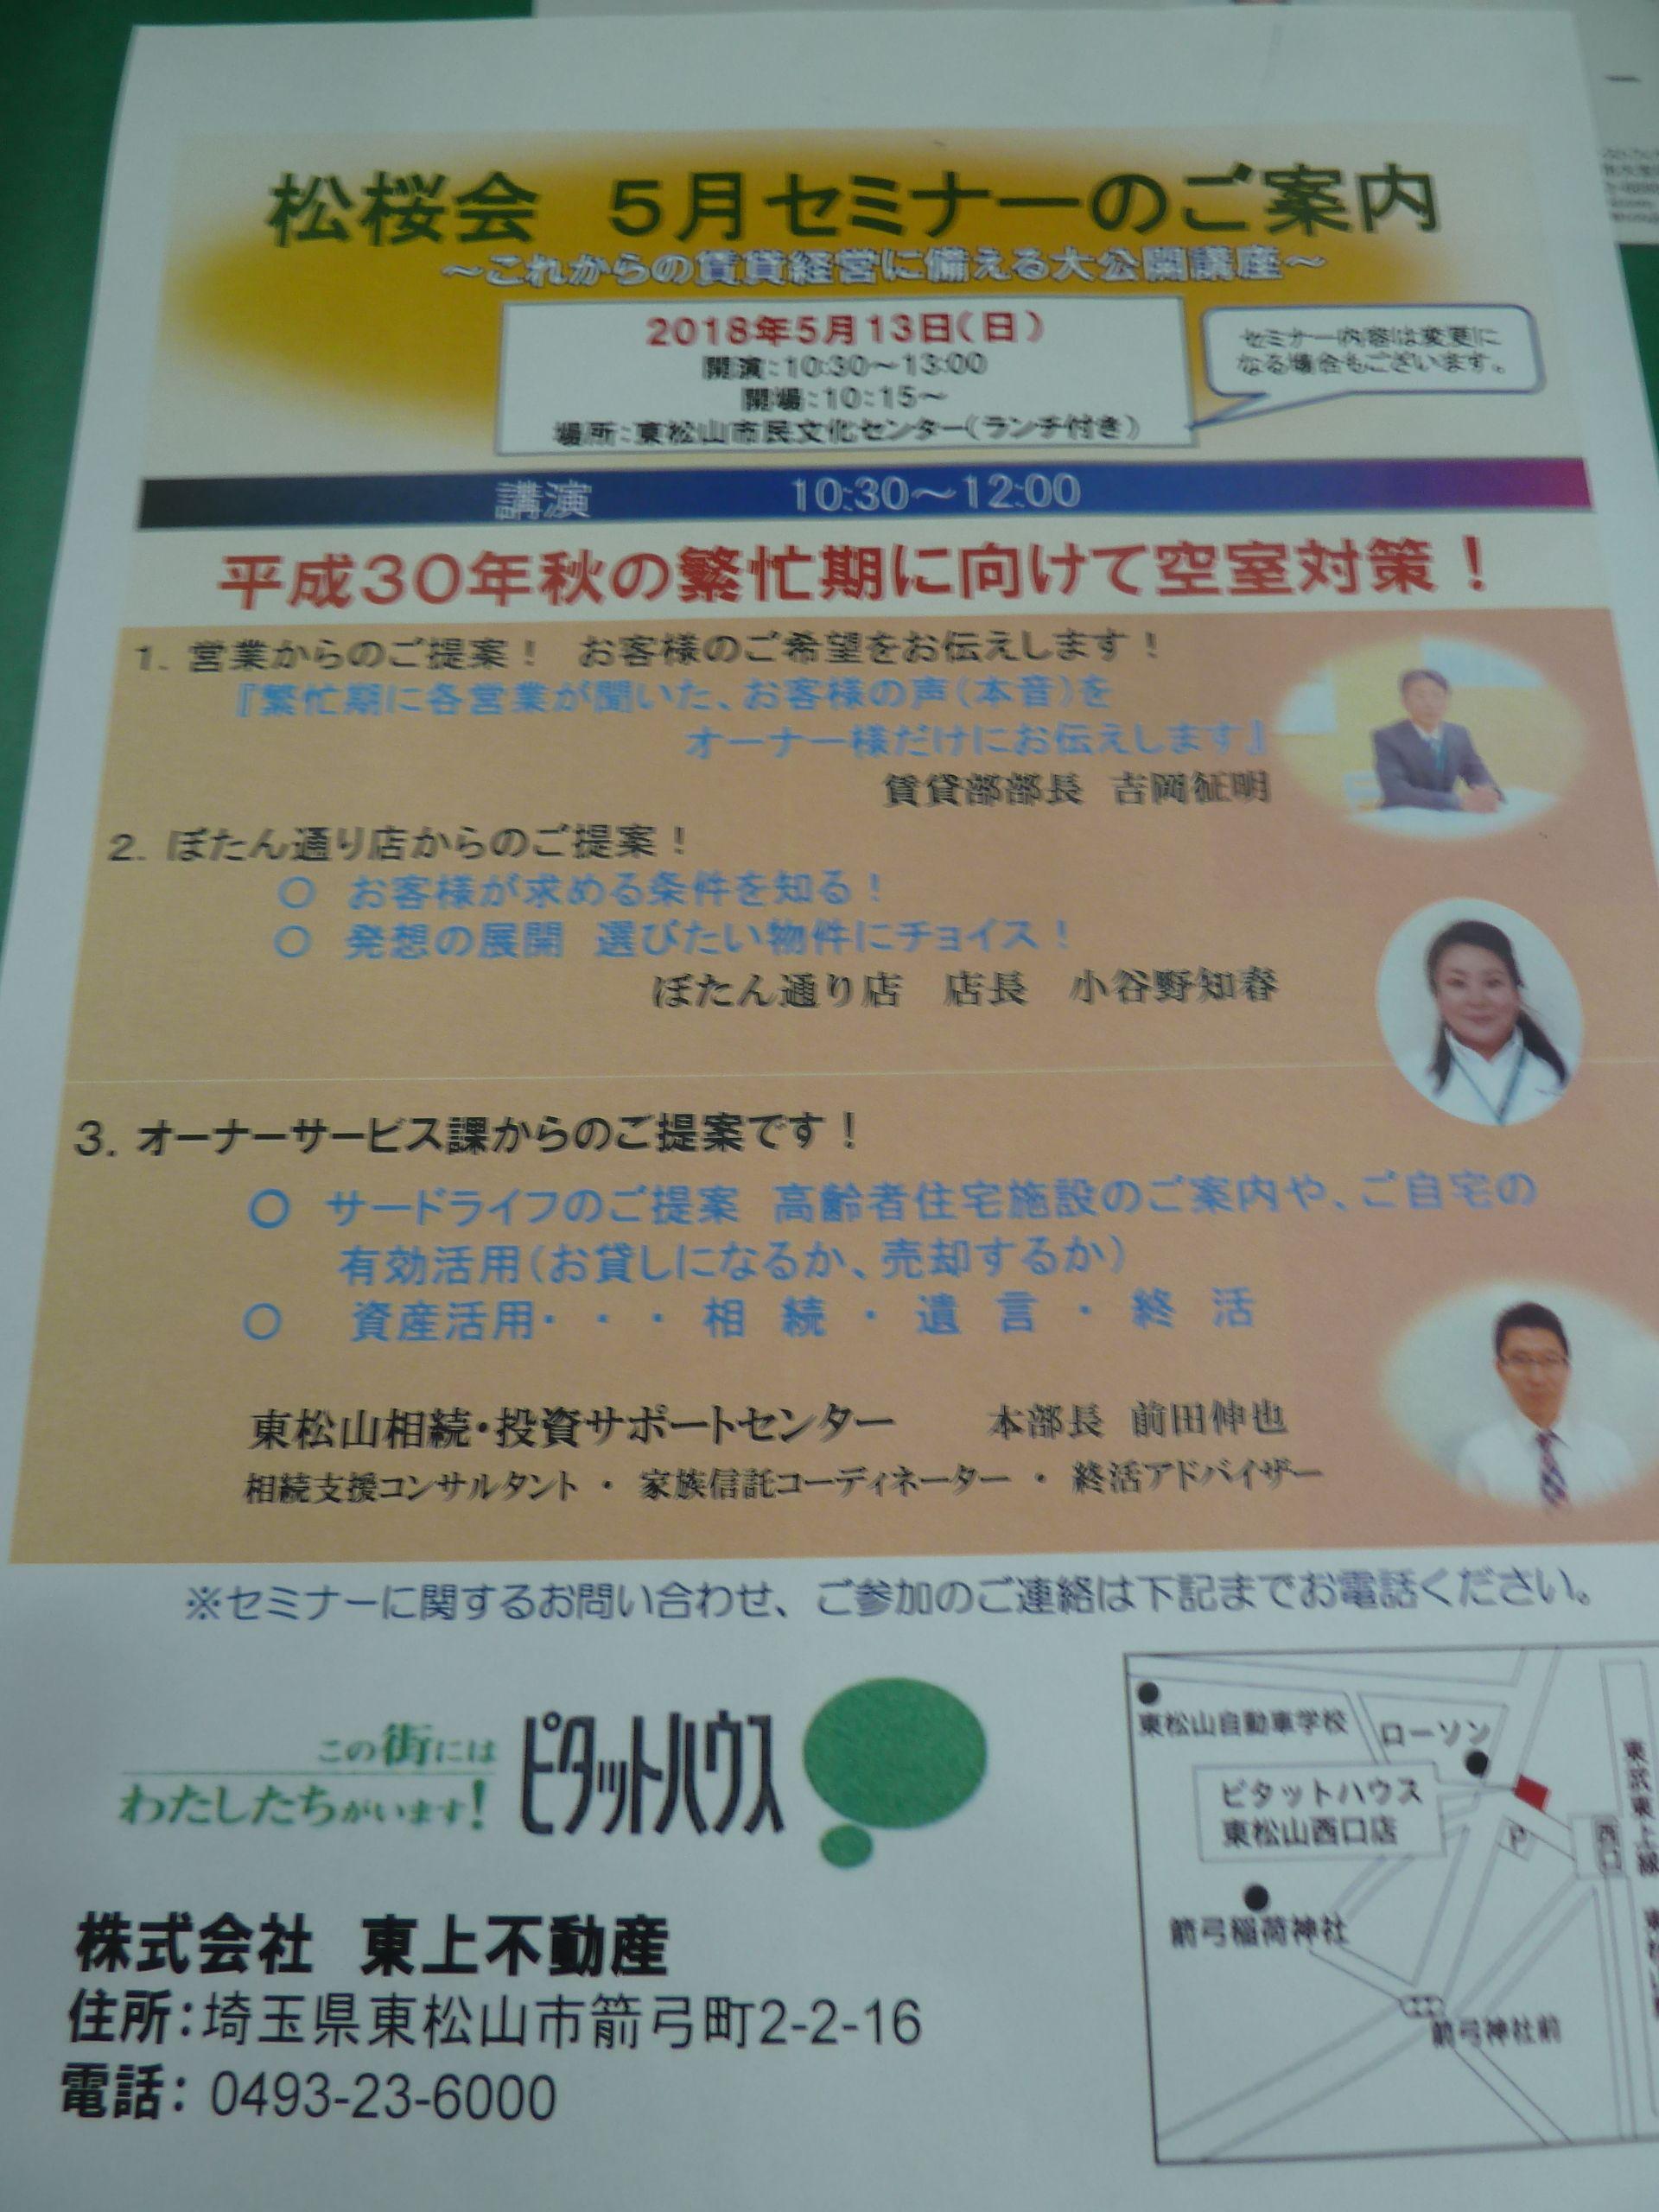 5月13日(日) 松桜会オーナーセミナー開催します!